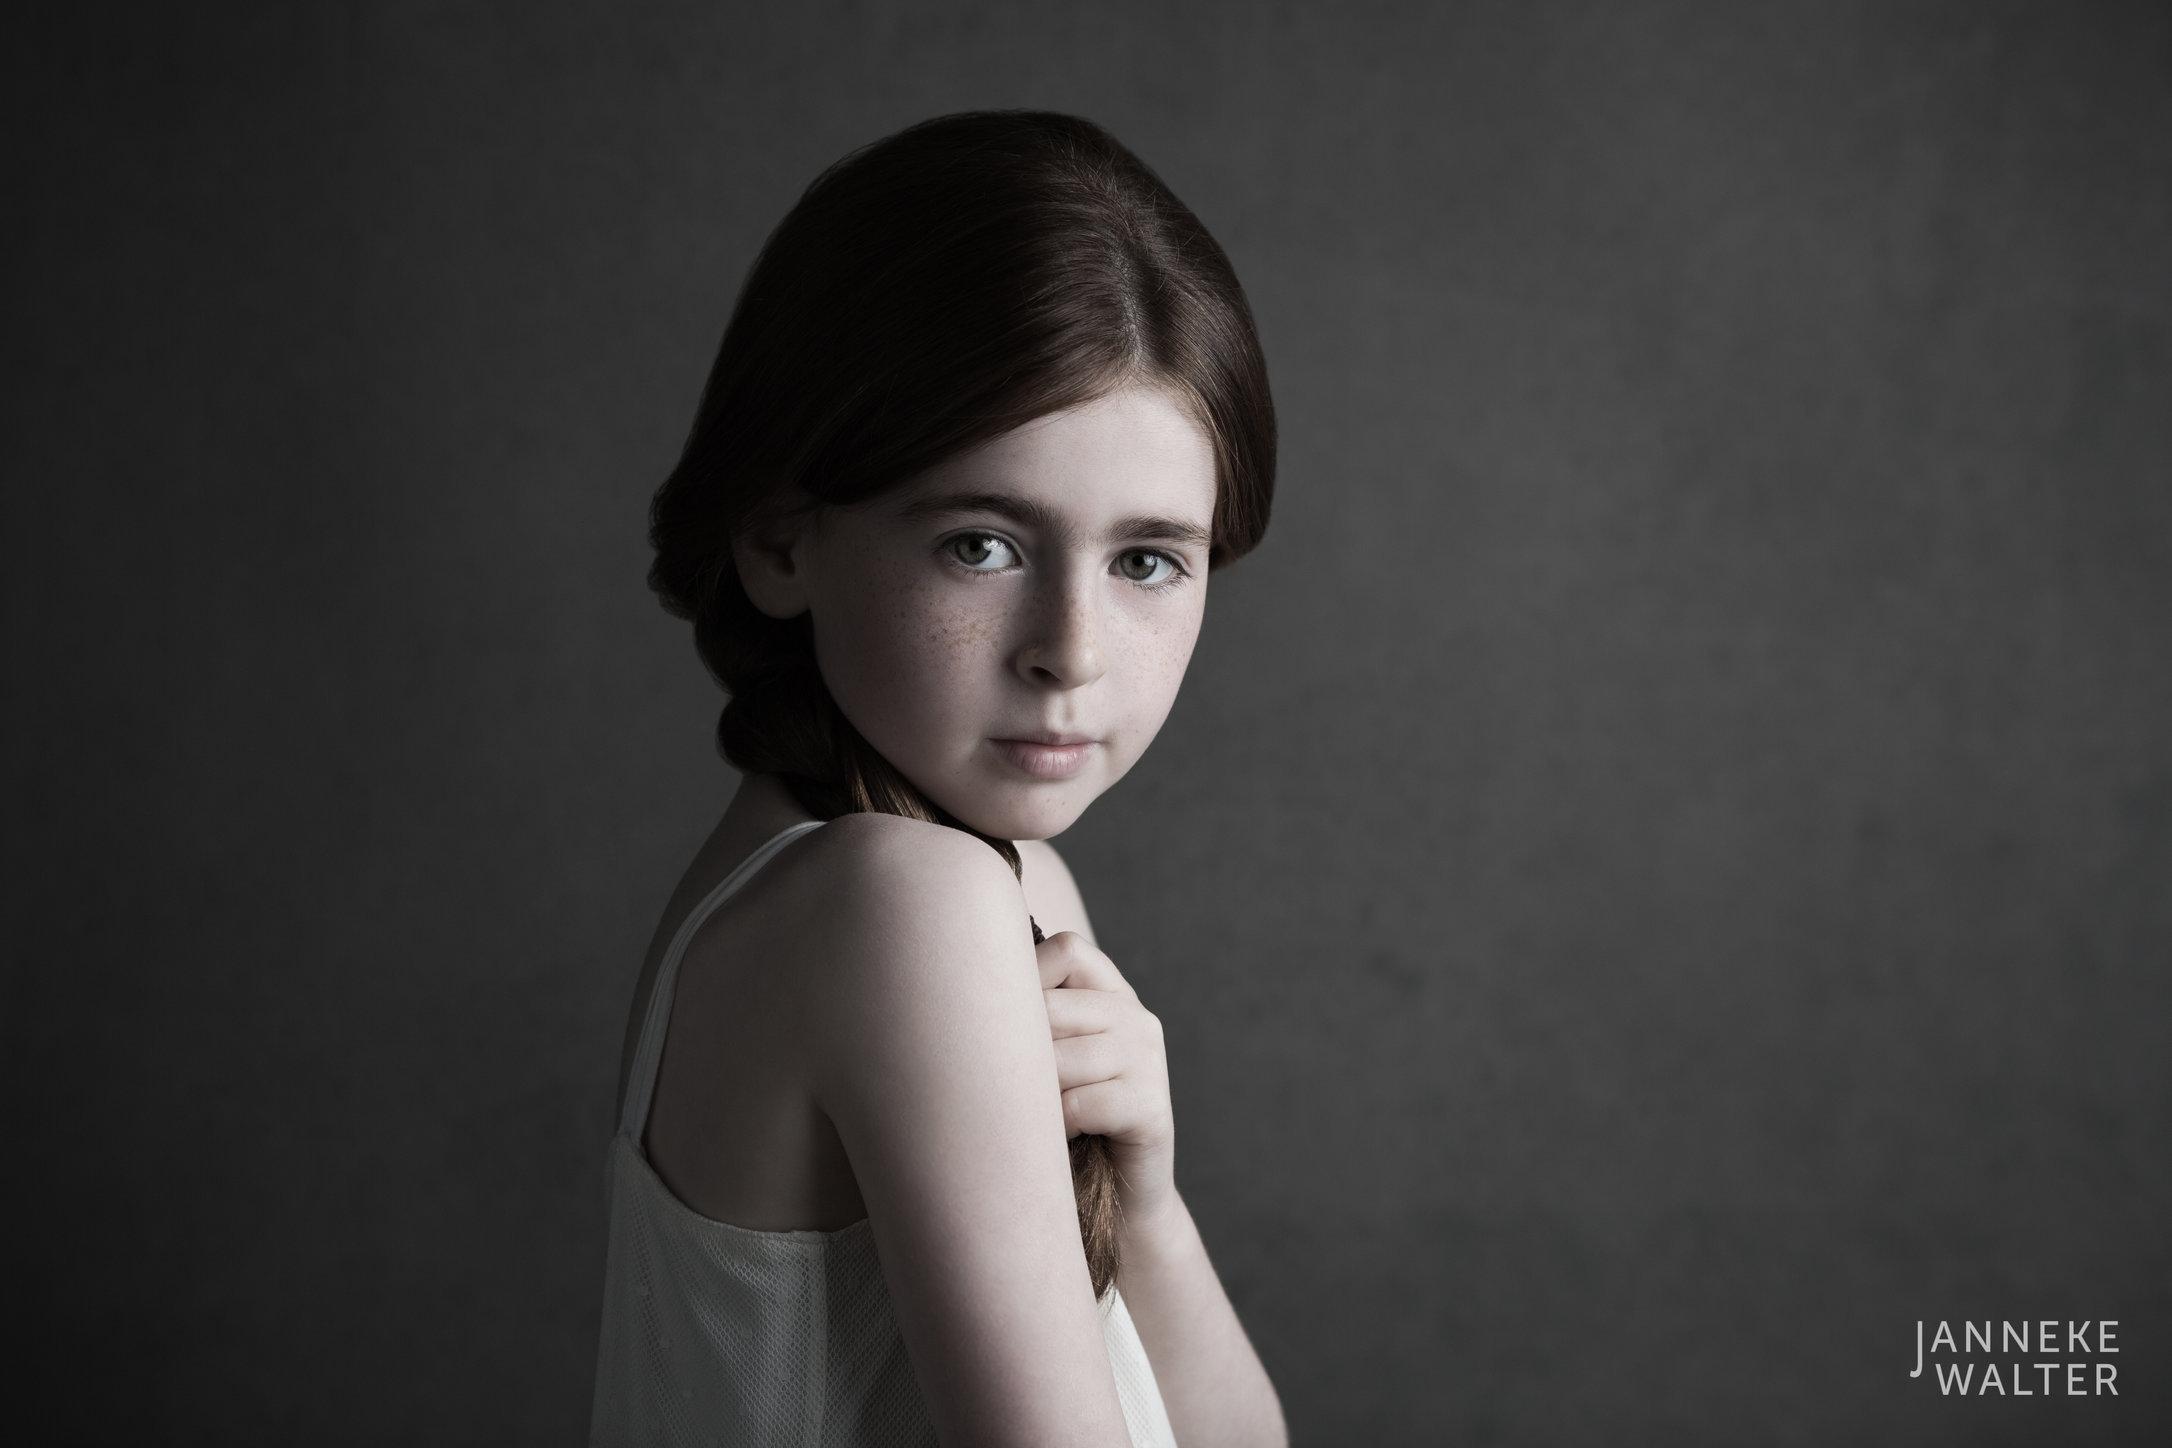 Portretfoto kind met vlecht @ Janneke Walter, kinderfotograaf Utrecht De Bilt, kinderfotografie, kinderportret